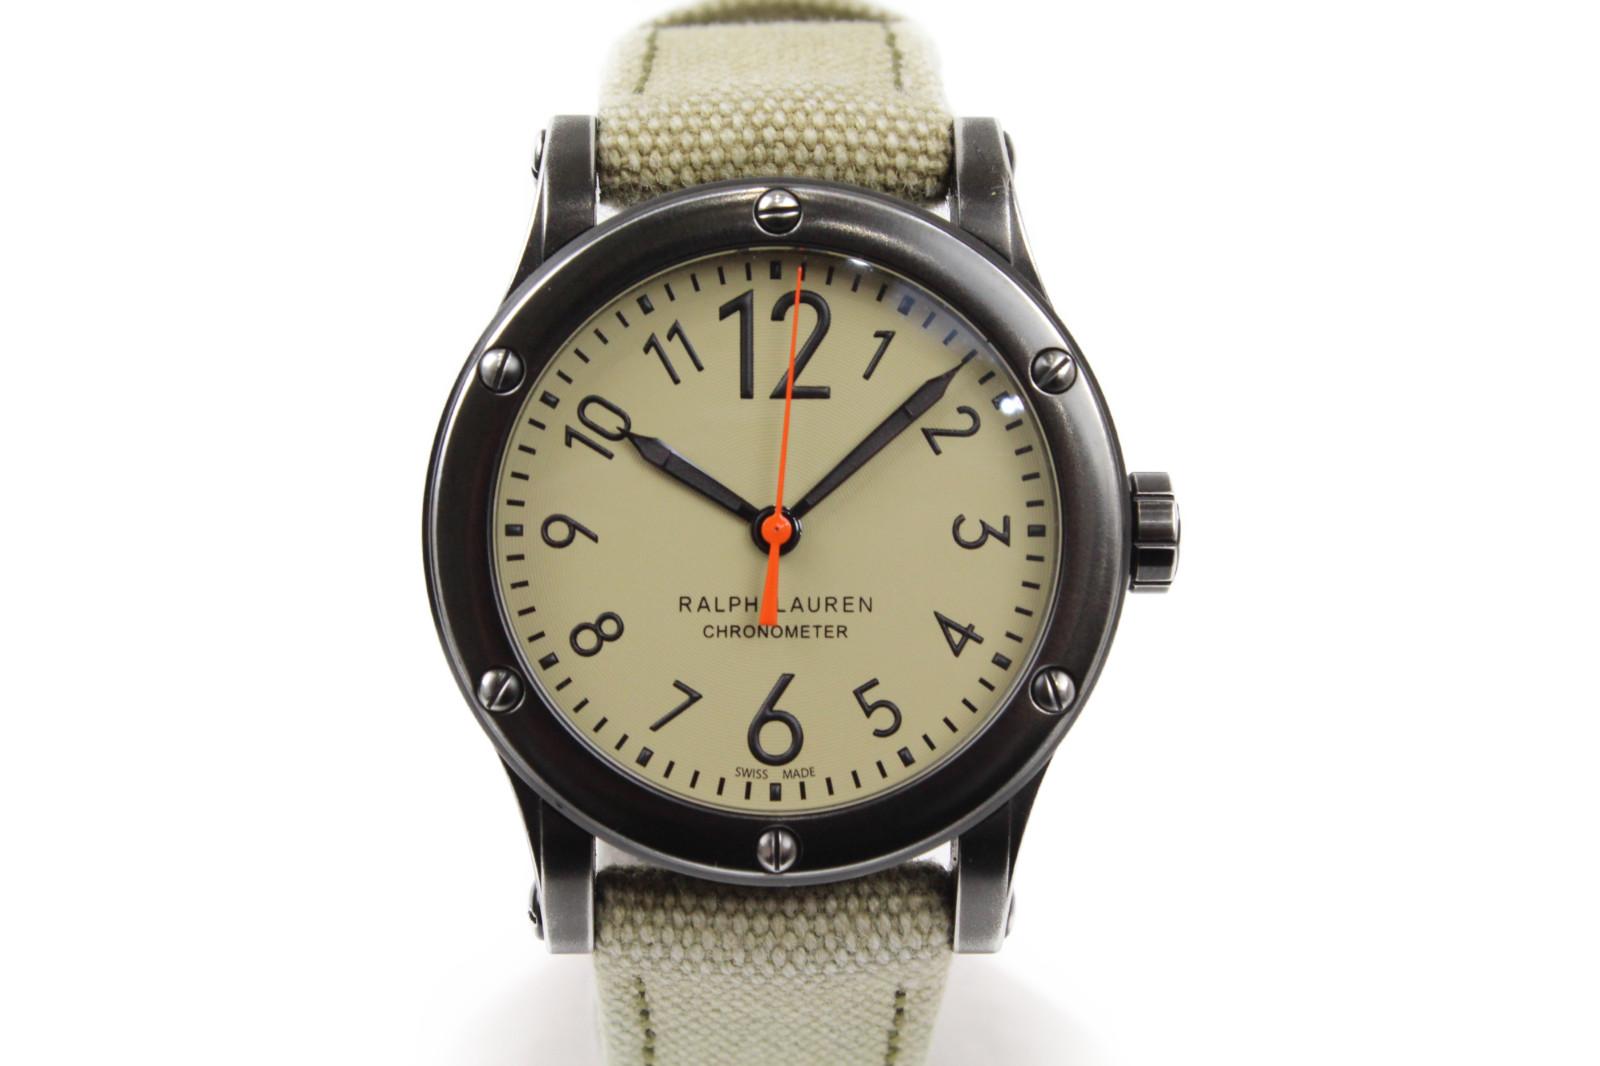 【販売証明書付】RALPH LAUREN ラルフローレン ラルフローレンクロノメーター RLR0250901 自動巻き ステンレス カーキ ブラック メンズ 腕時計【中古】